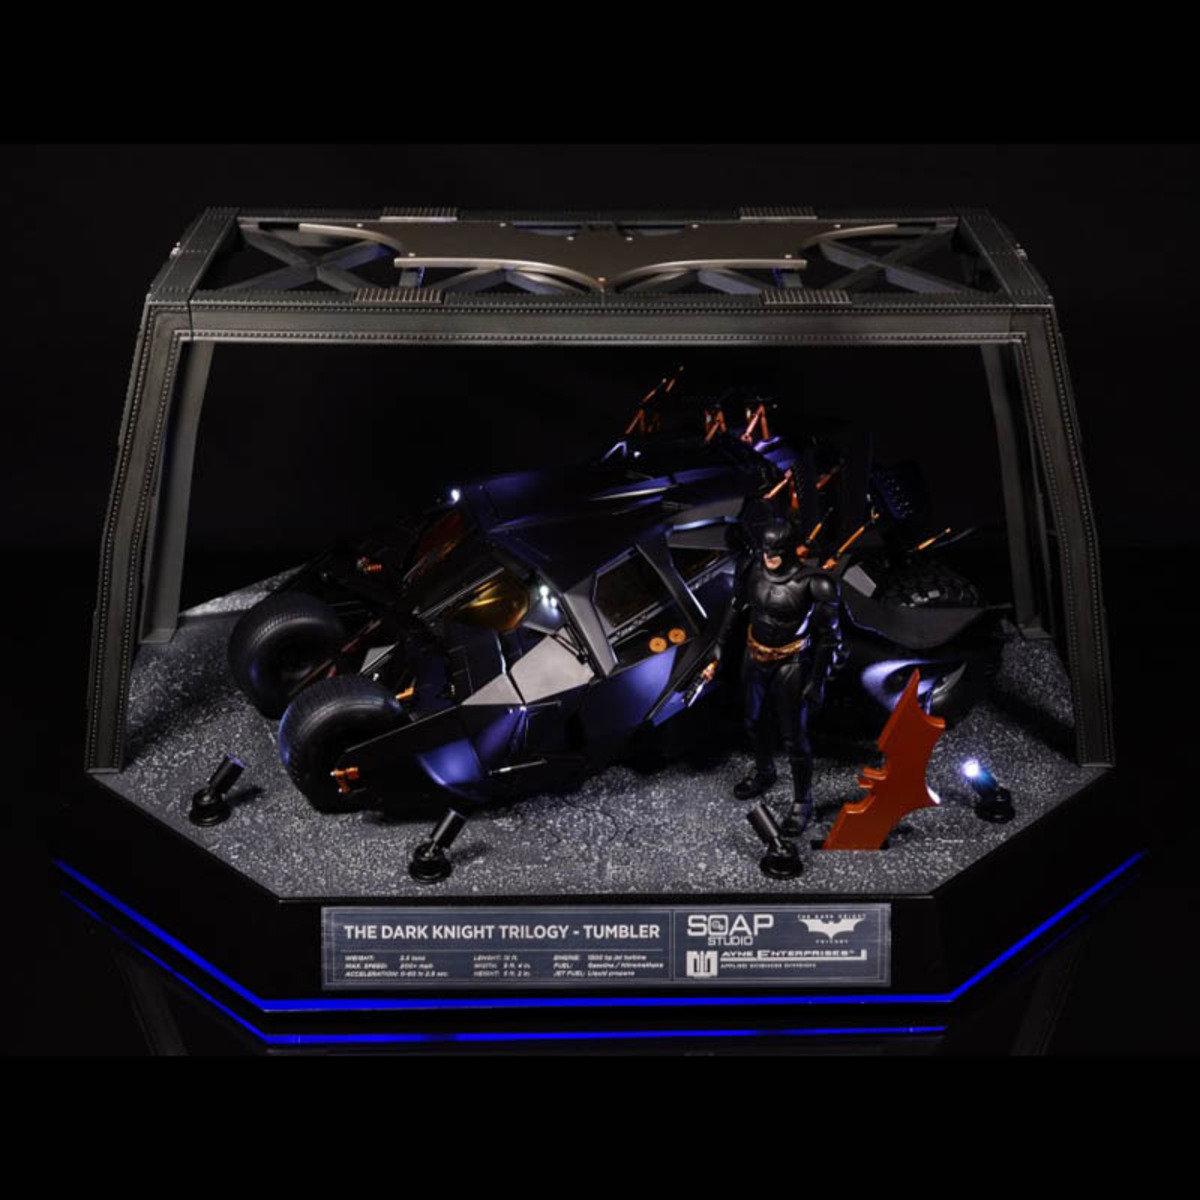 蝙蝠俠-黑夜騎士三部曲1:12智能遙控蝙蝠車(豪華版)